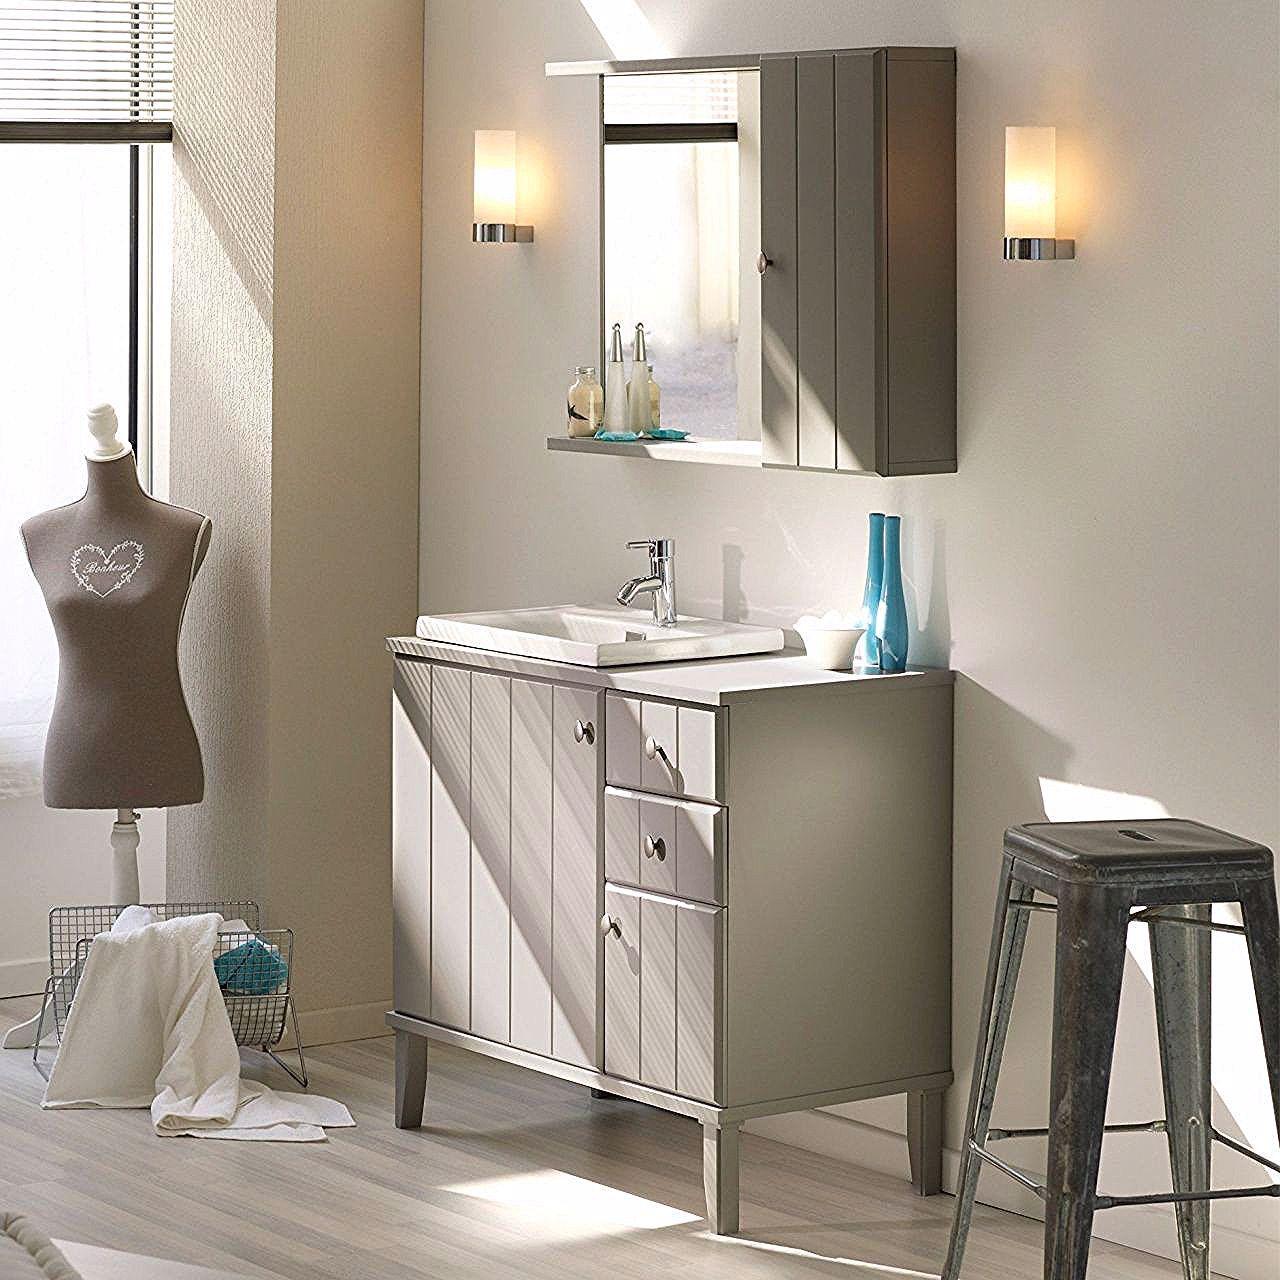 Miroirs De Salle De Bains In 2020 Creative Bathroom Design Bathroom Vanity Bathroom Design